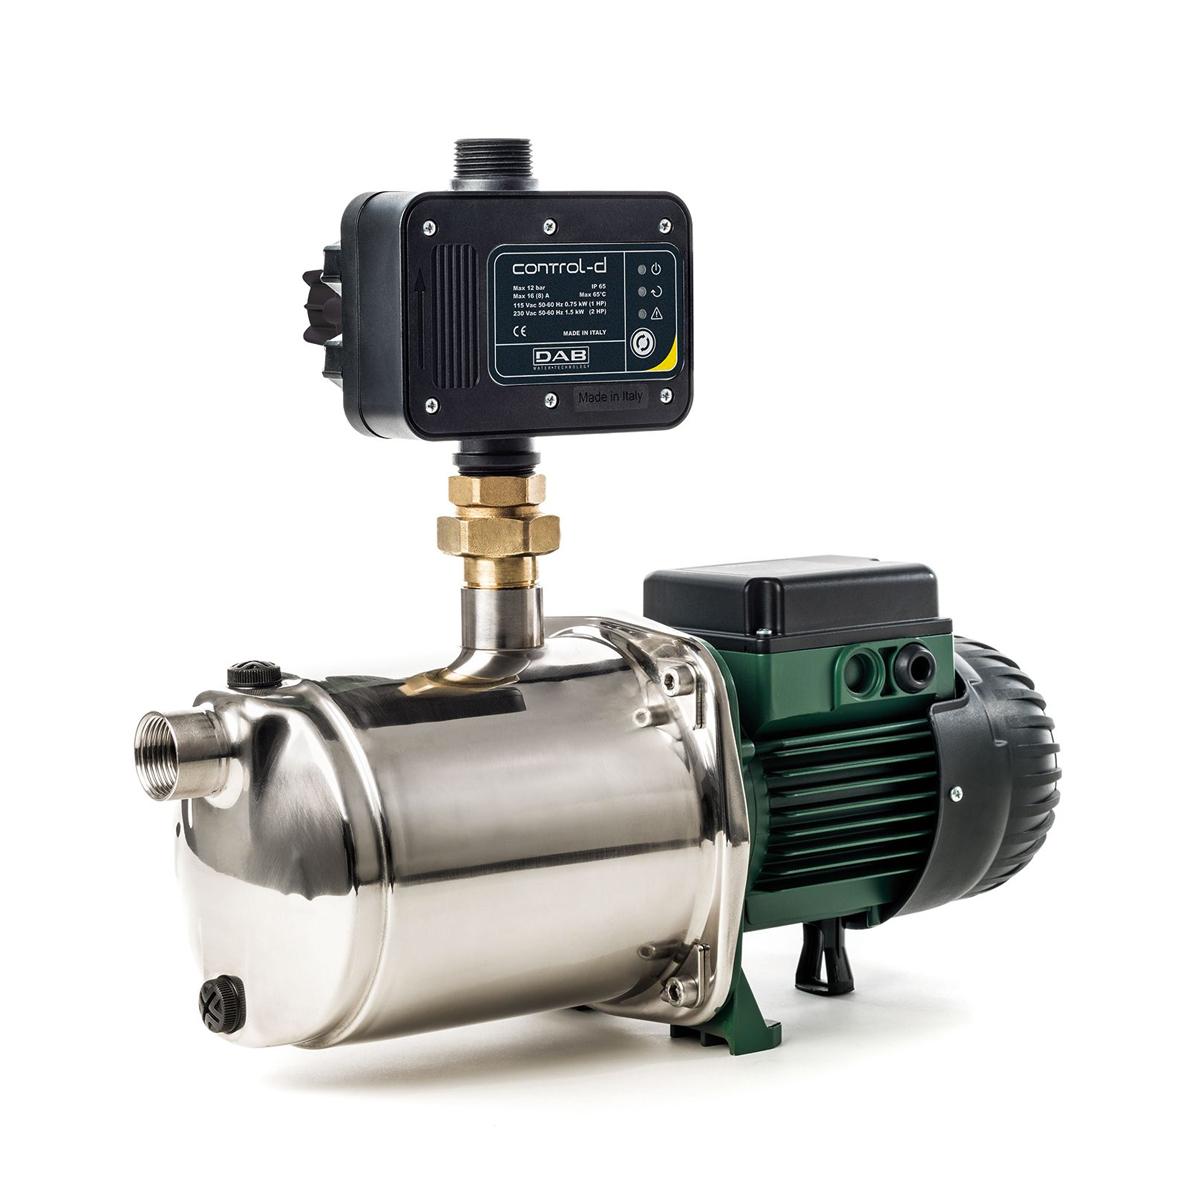 DAB EuroInox 40/80 M + DAB Control-D